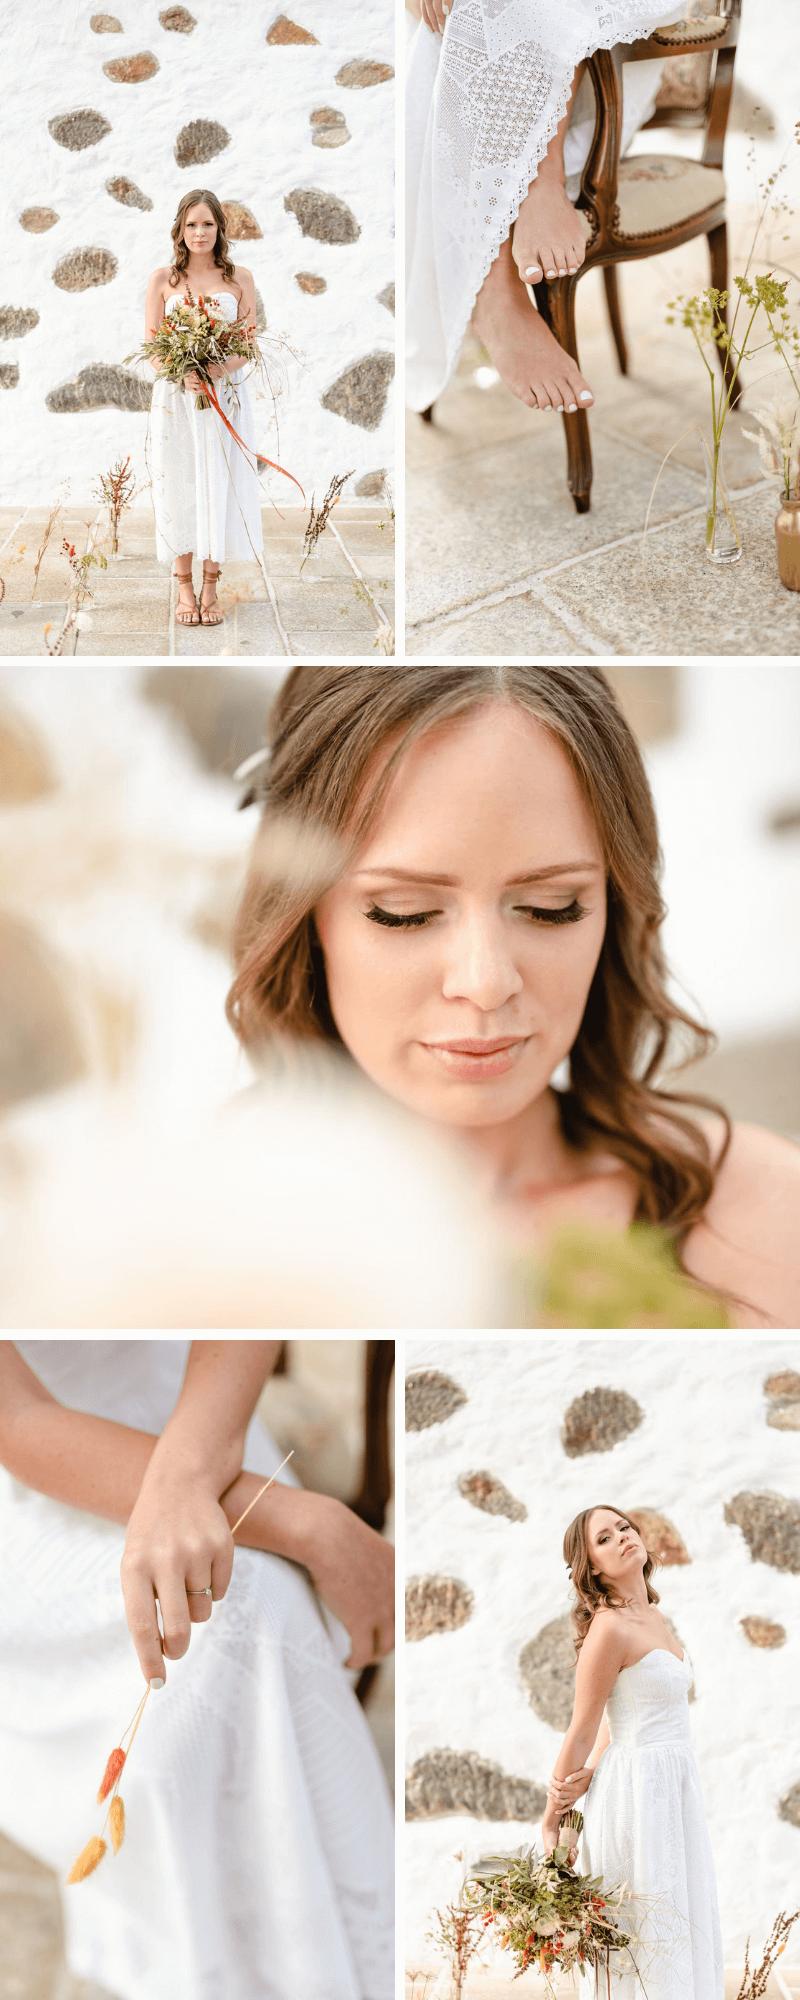 Brautstyling natürlich